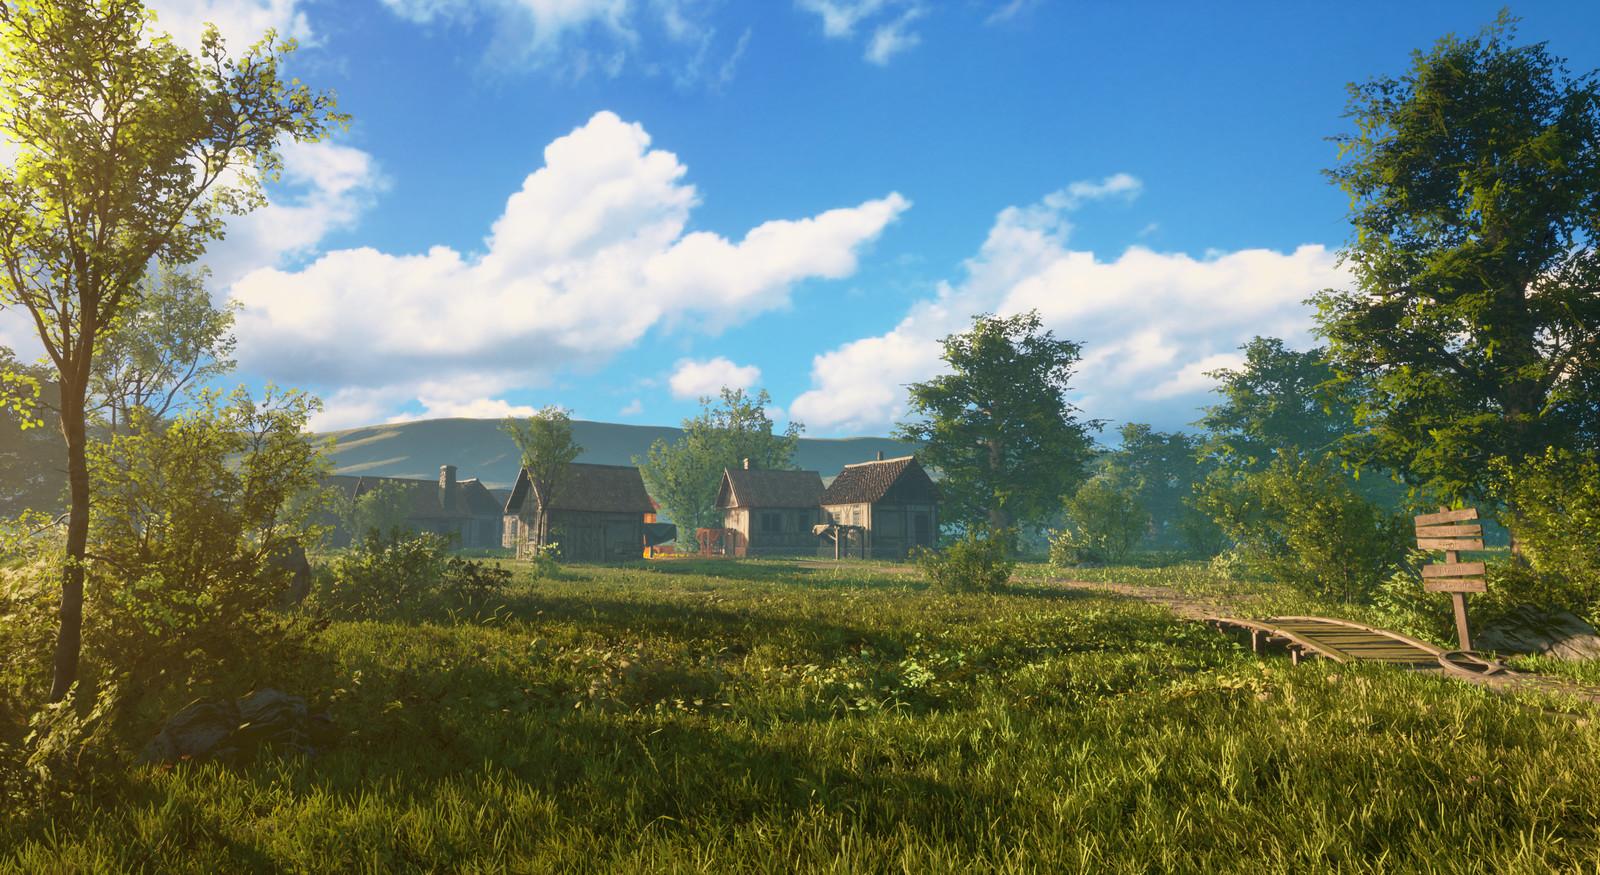 The Elder Scrolls IV: Oblivion Remake